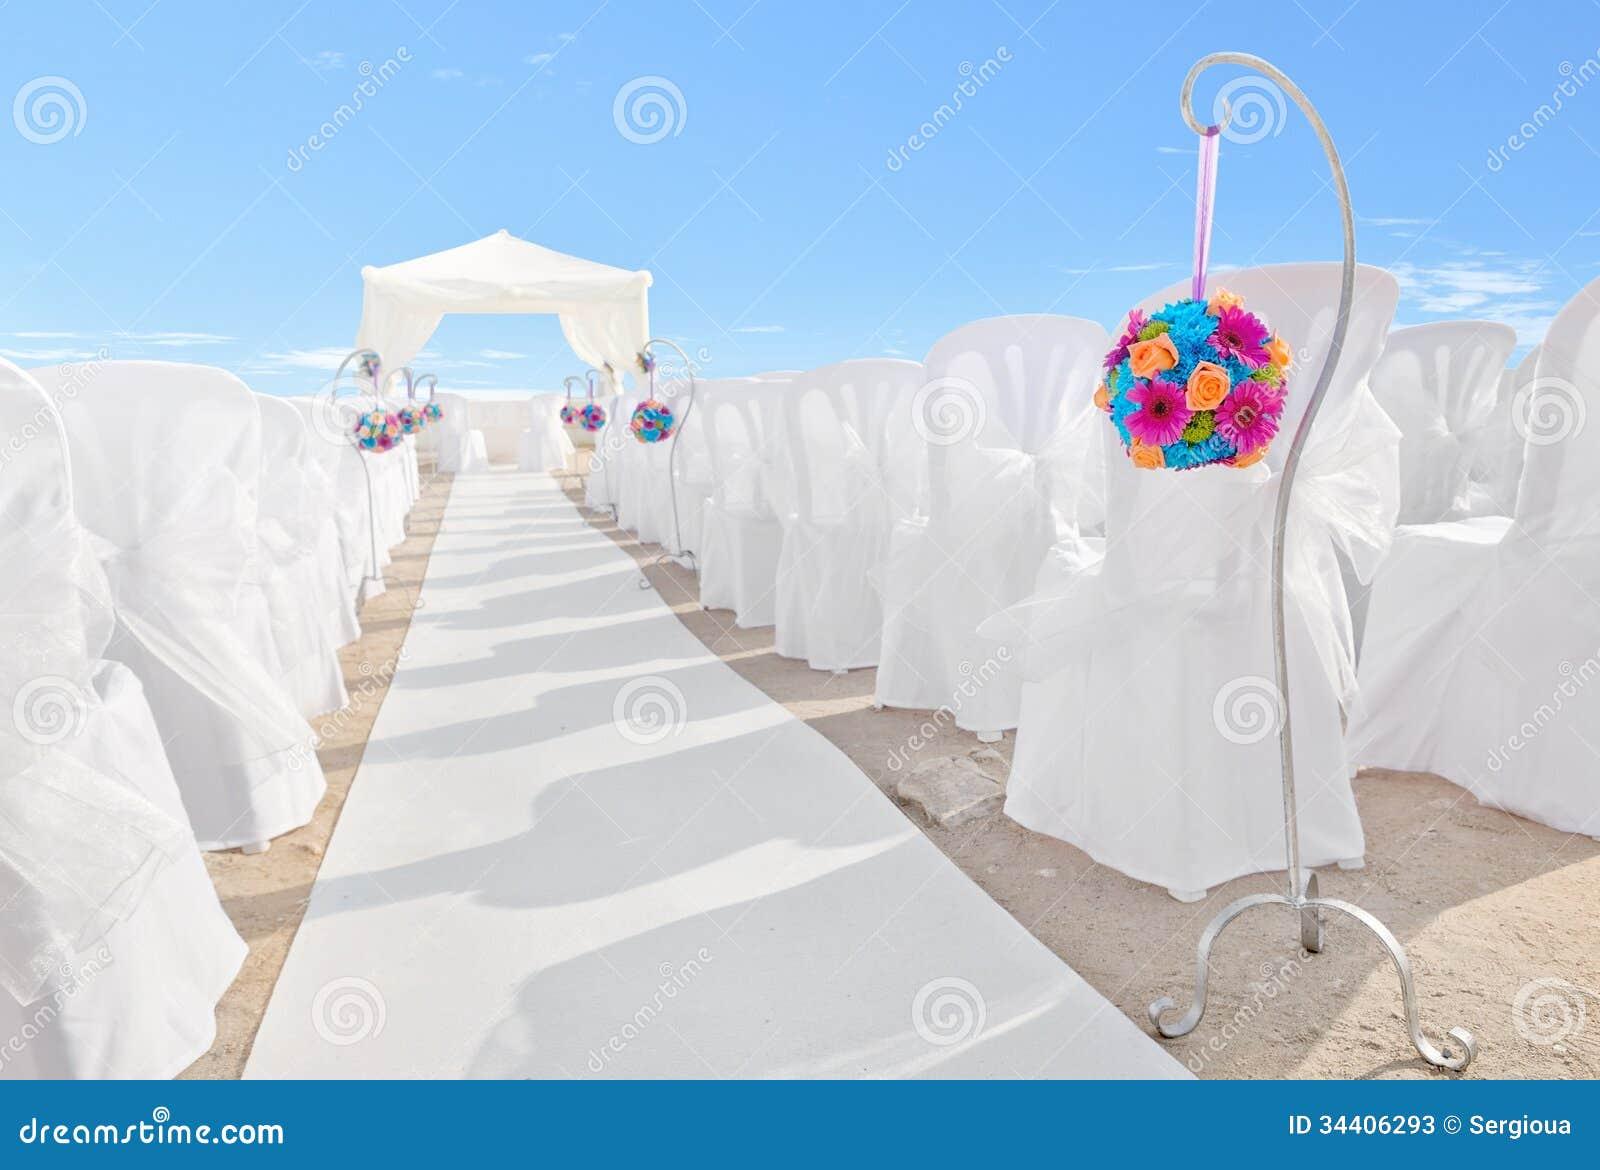 花花束在装饰的婚礼。